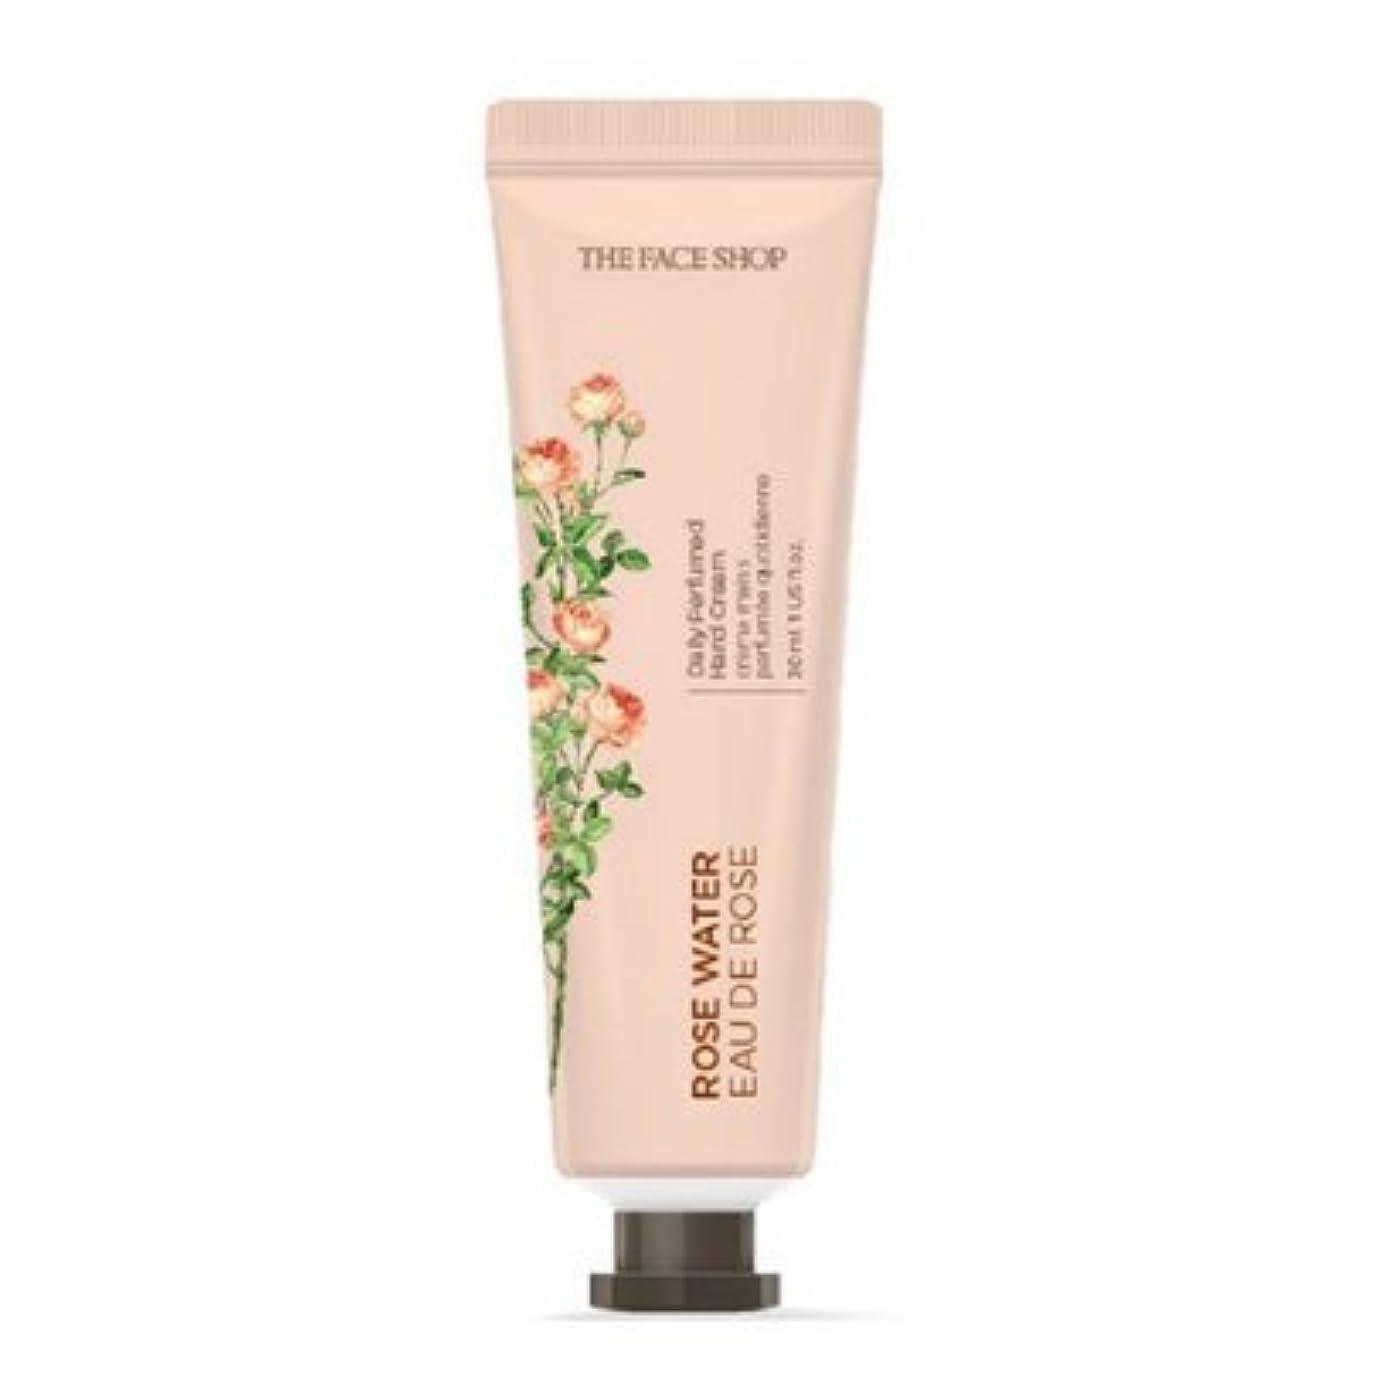 決定する修羅場不健康[1+1] THE FACE SHOP Daily Perfume Hand Cream [01.Rose Water] ザフェイスショップ デイリーパフュームハンドクリーム [01.ローズウォーター] [new] [並行輸入品]